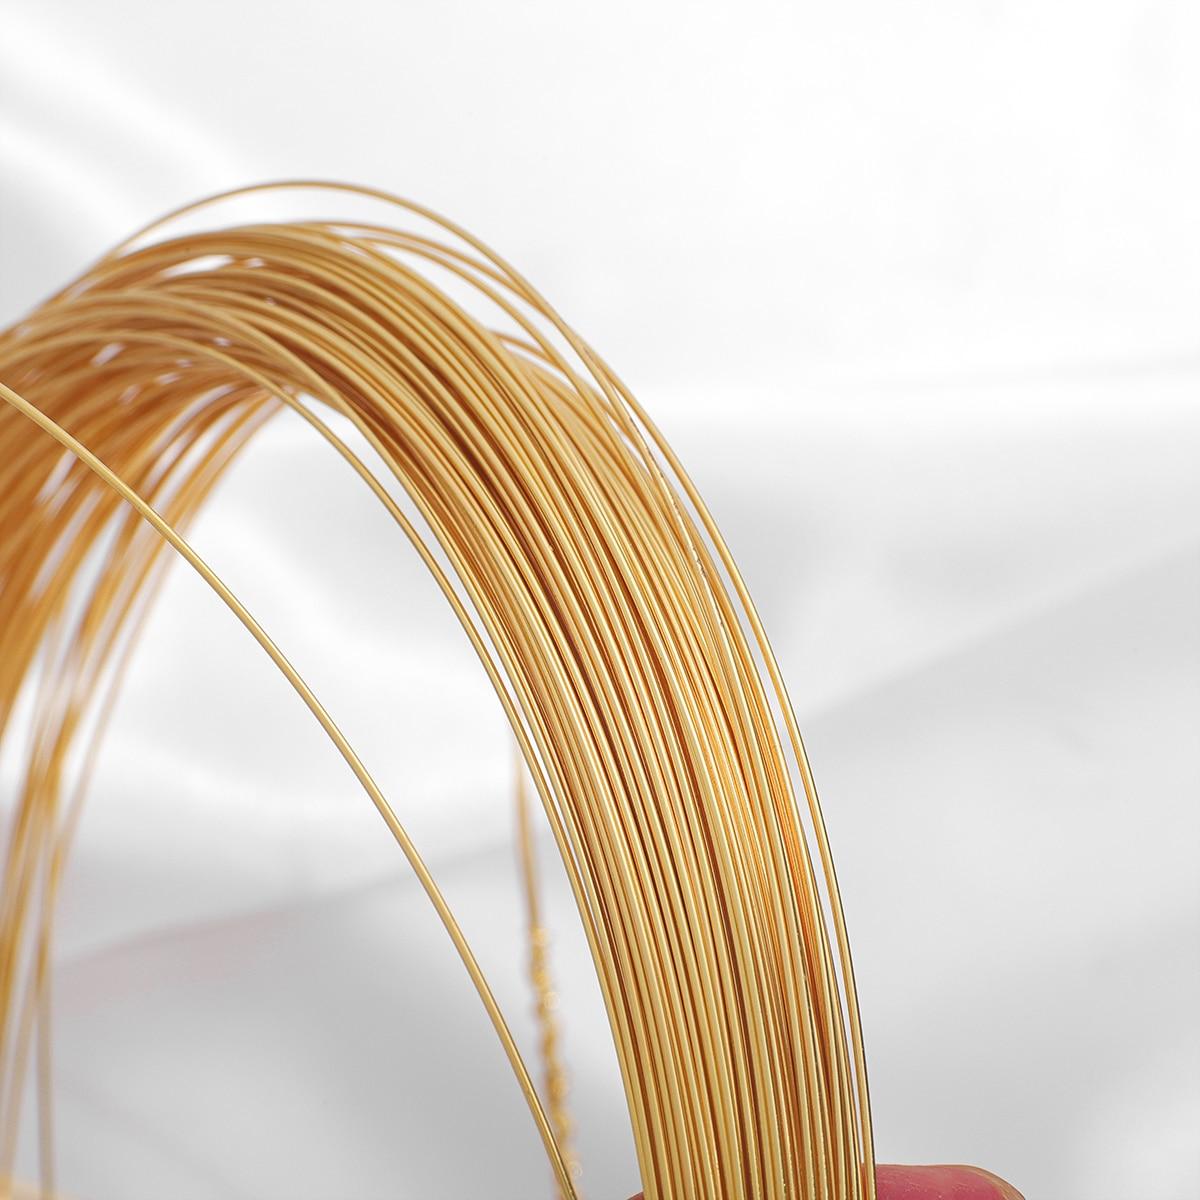 Медная проволока с позолотой 18 К для браслетов и ожерелий, 0,4-1 мм, цветная проволока для самостоятельного изготовления бижутерии, шнур для р...